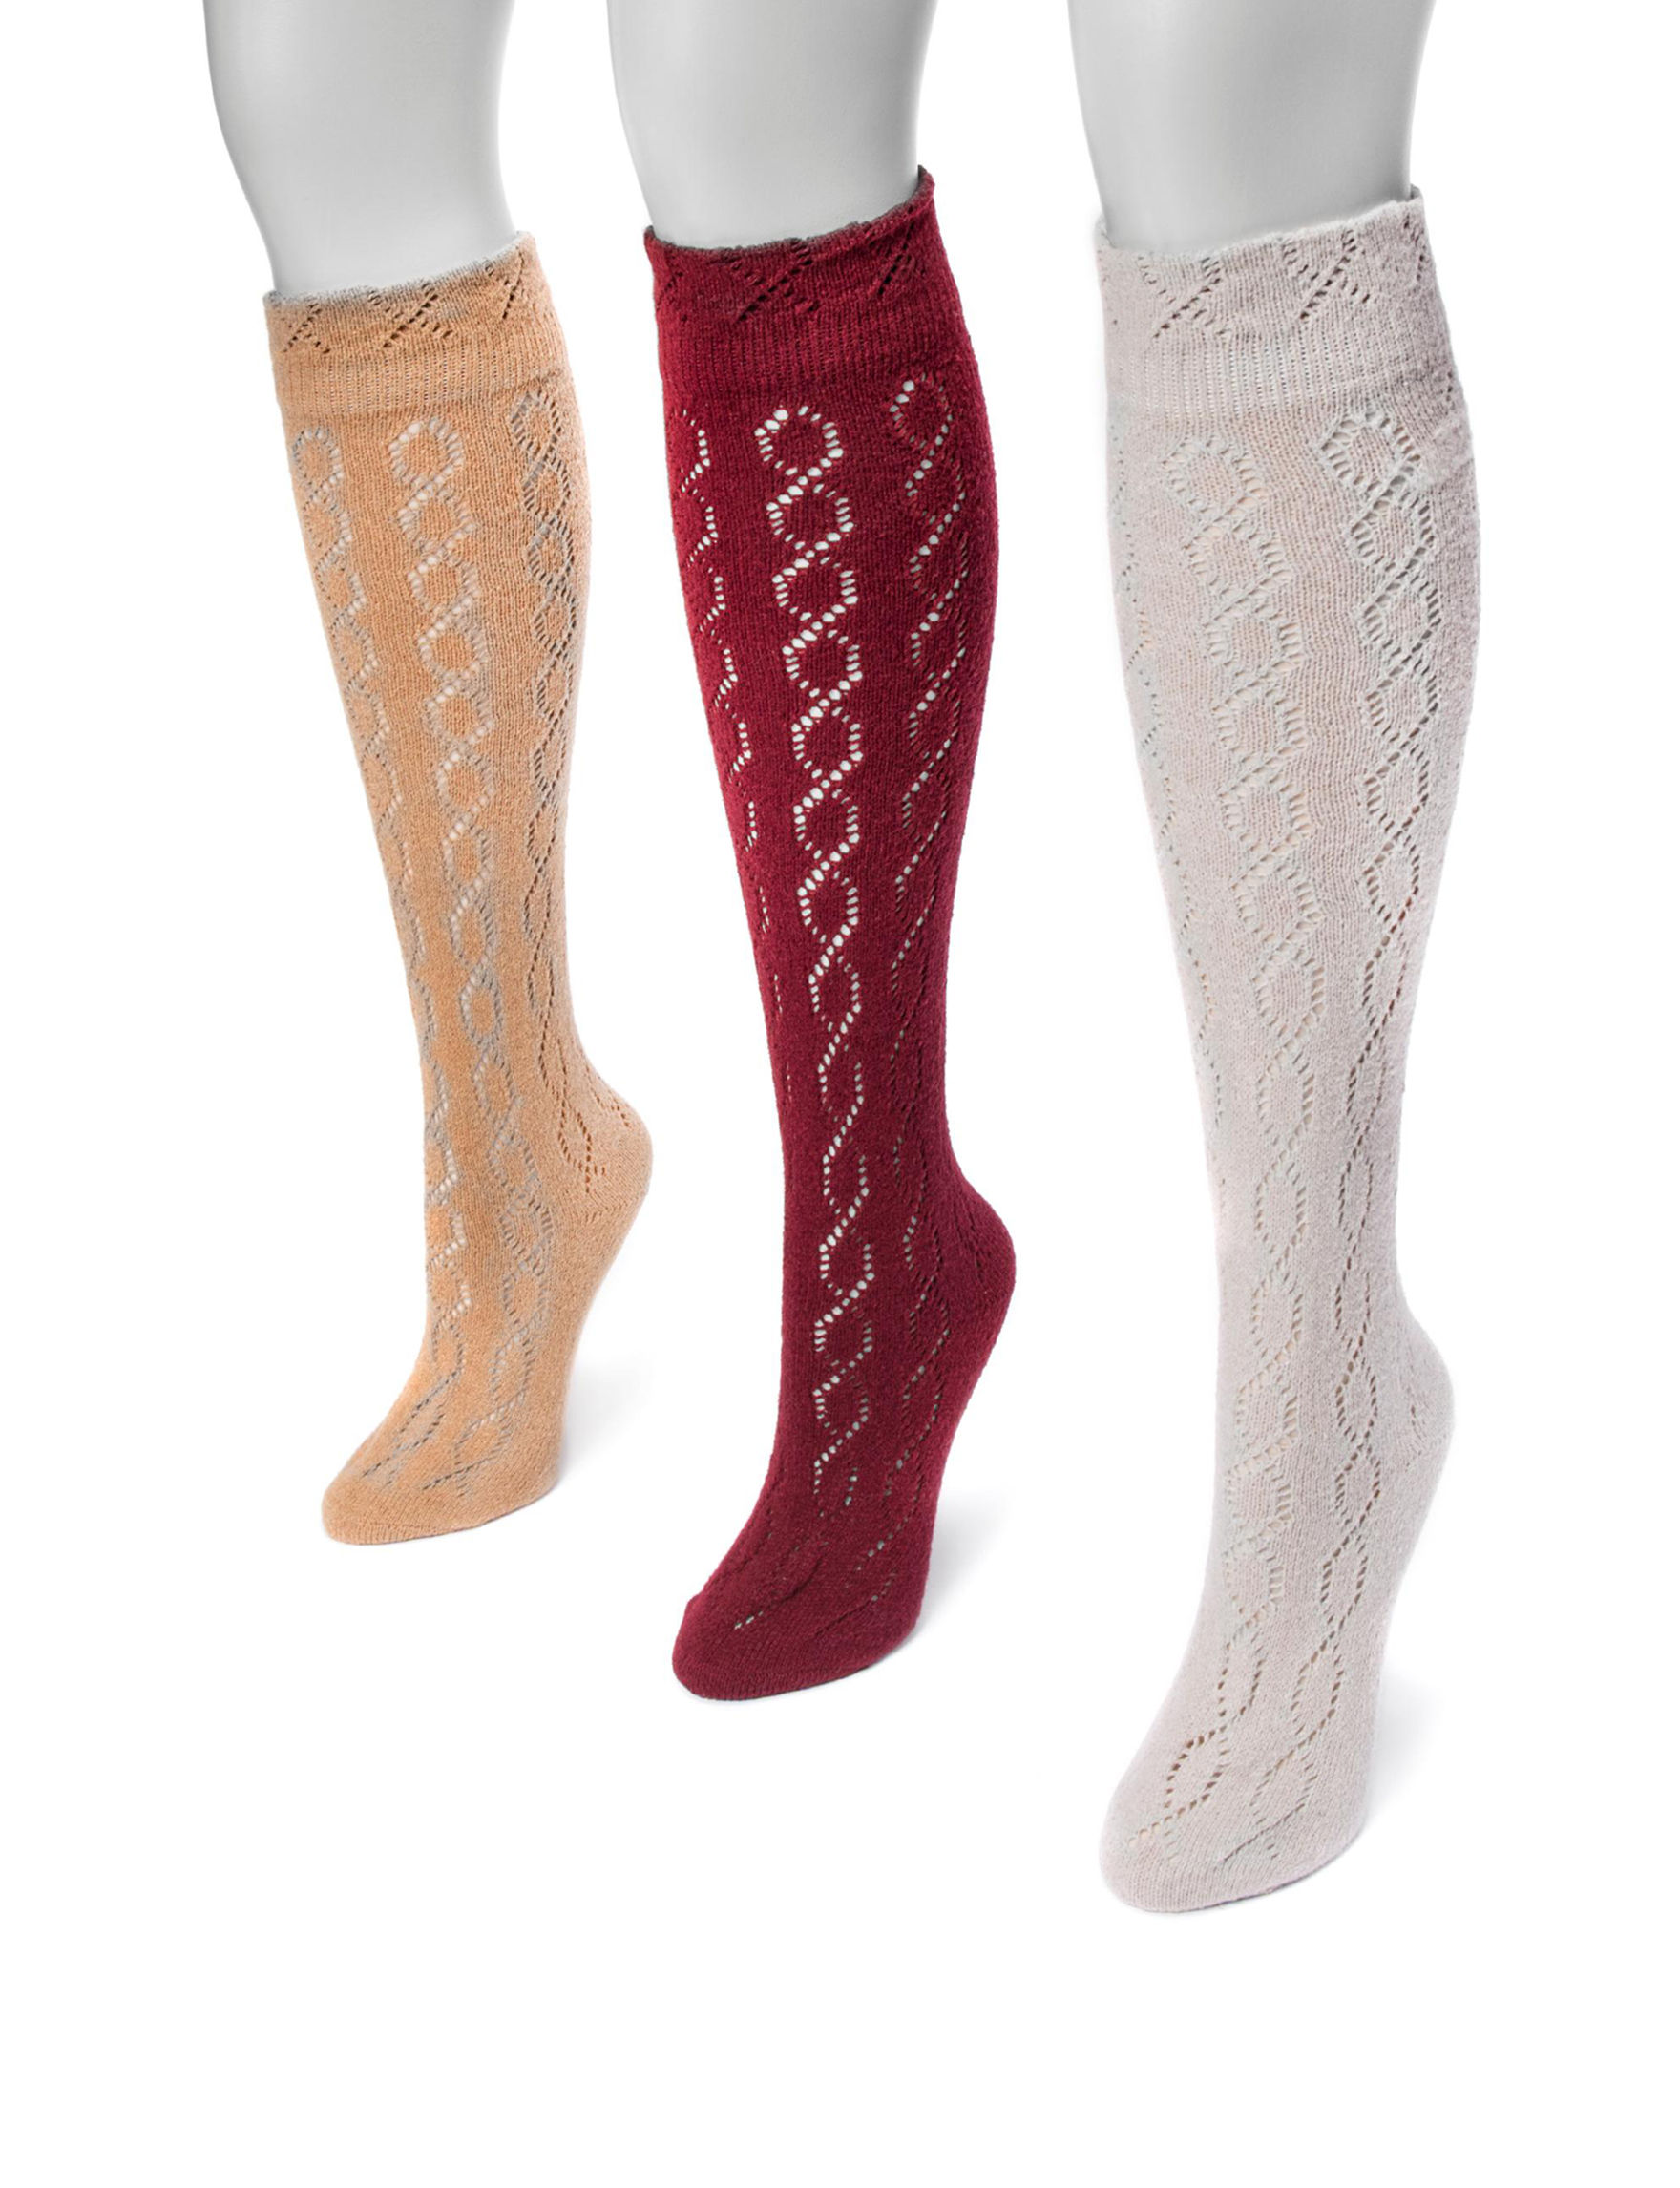 Muk Luks Warm Socks